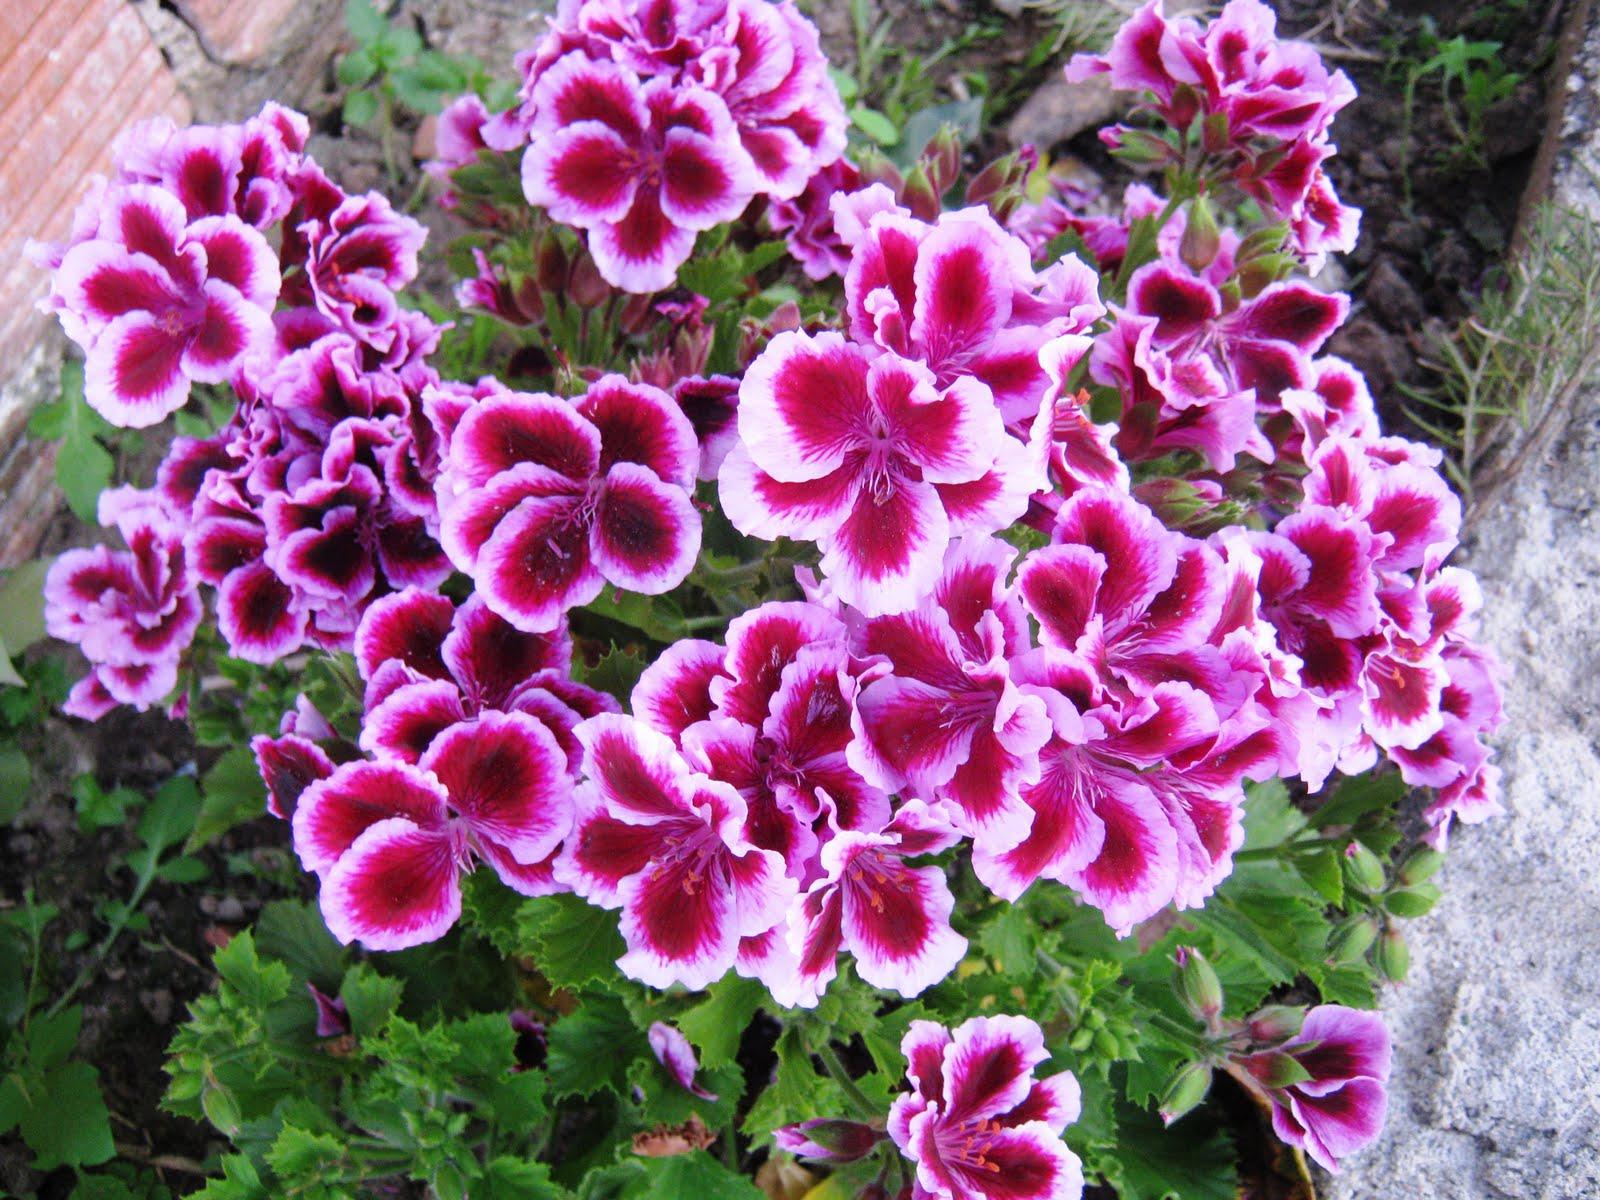 meu quintal meu jardim : meu quintal meu jardim: ARBUSTOS E CULTURAS. NO MEU JARDIM E QUINTAL EM ATALAIA